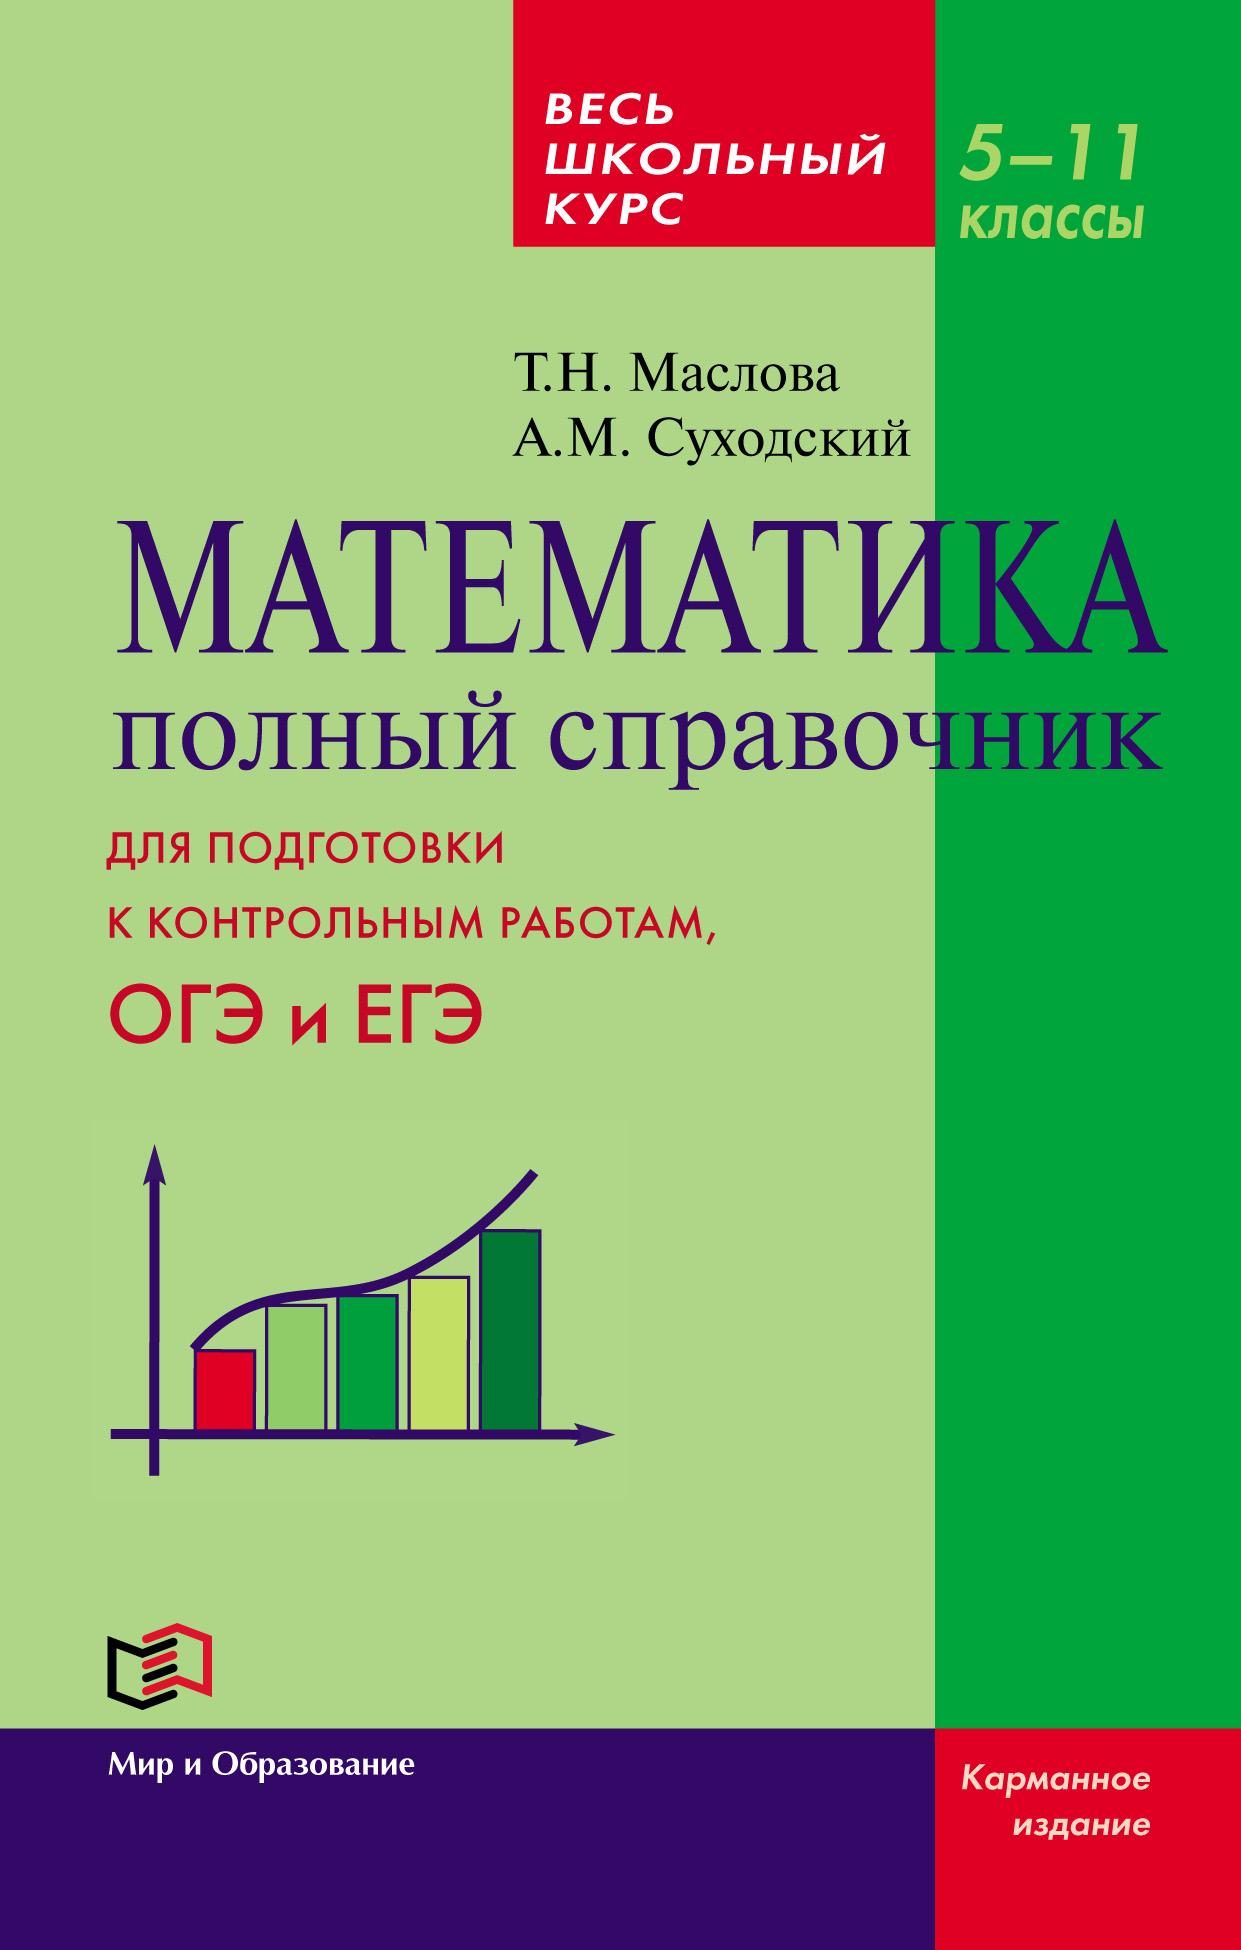 Андрей Матвеевич Суходский Справочник школьника по математике. 5-11 классы